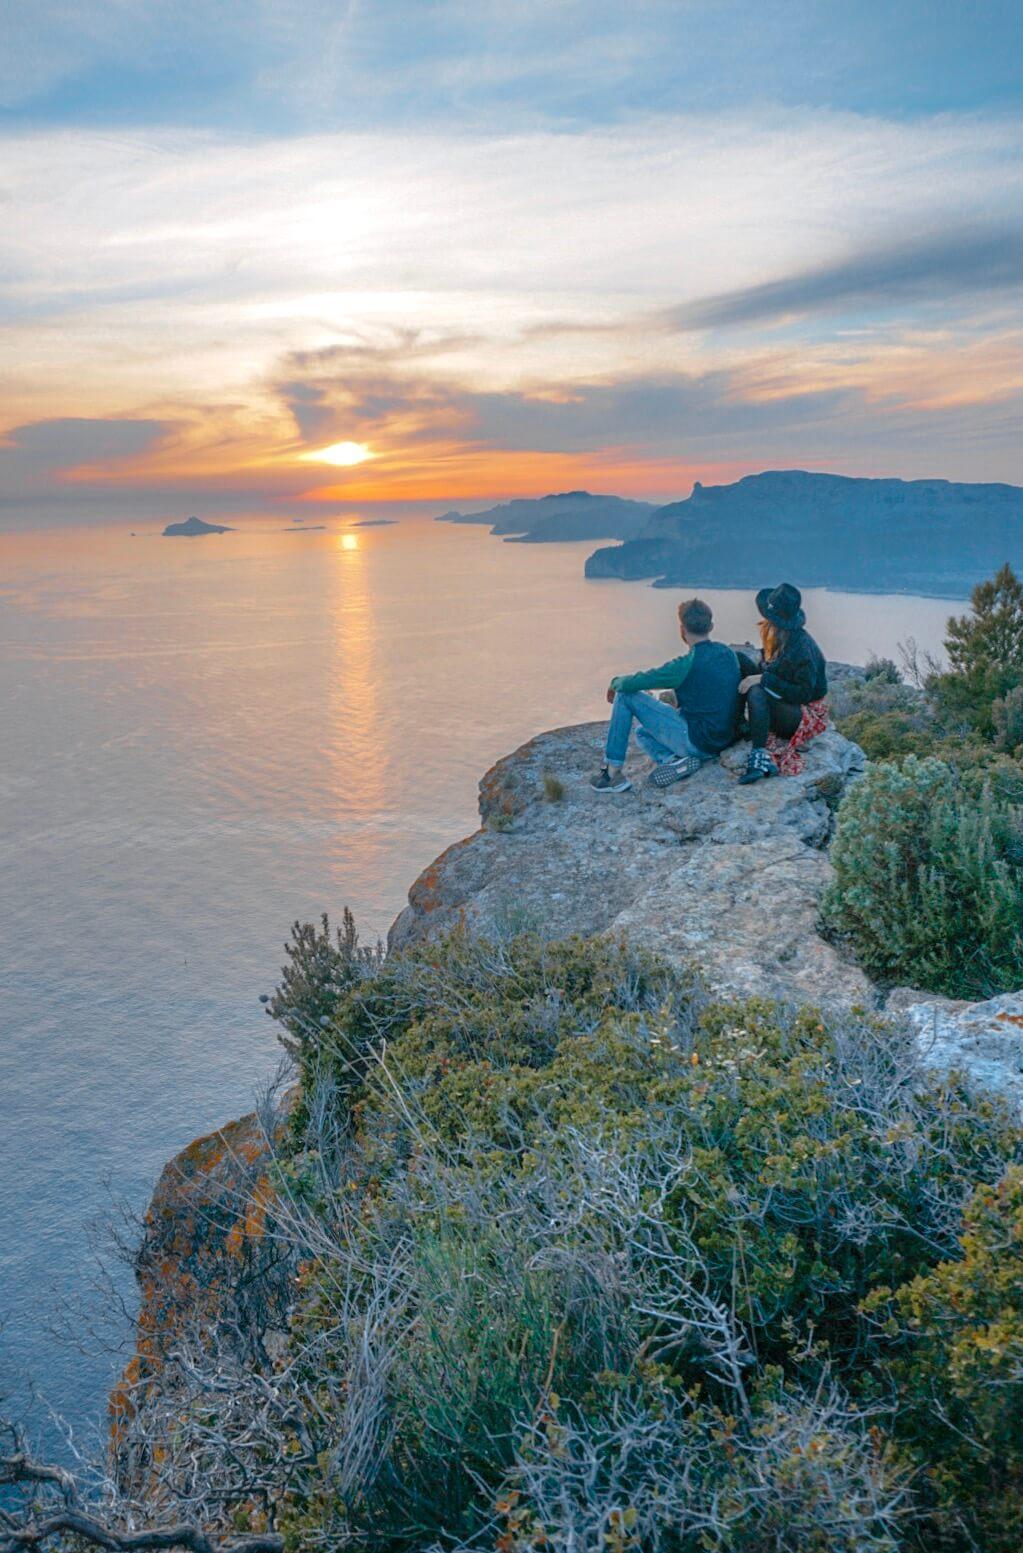 Un coucher de soleil sur la route des cretes depuis cassis